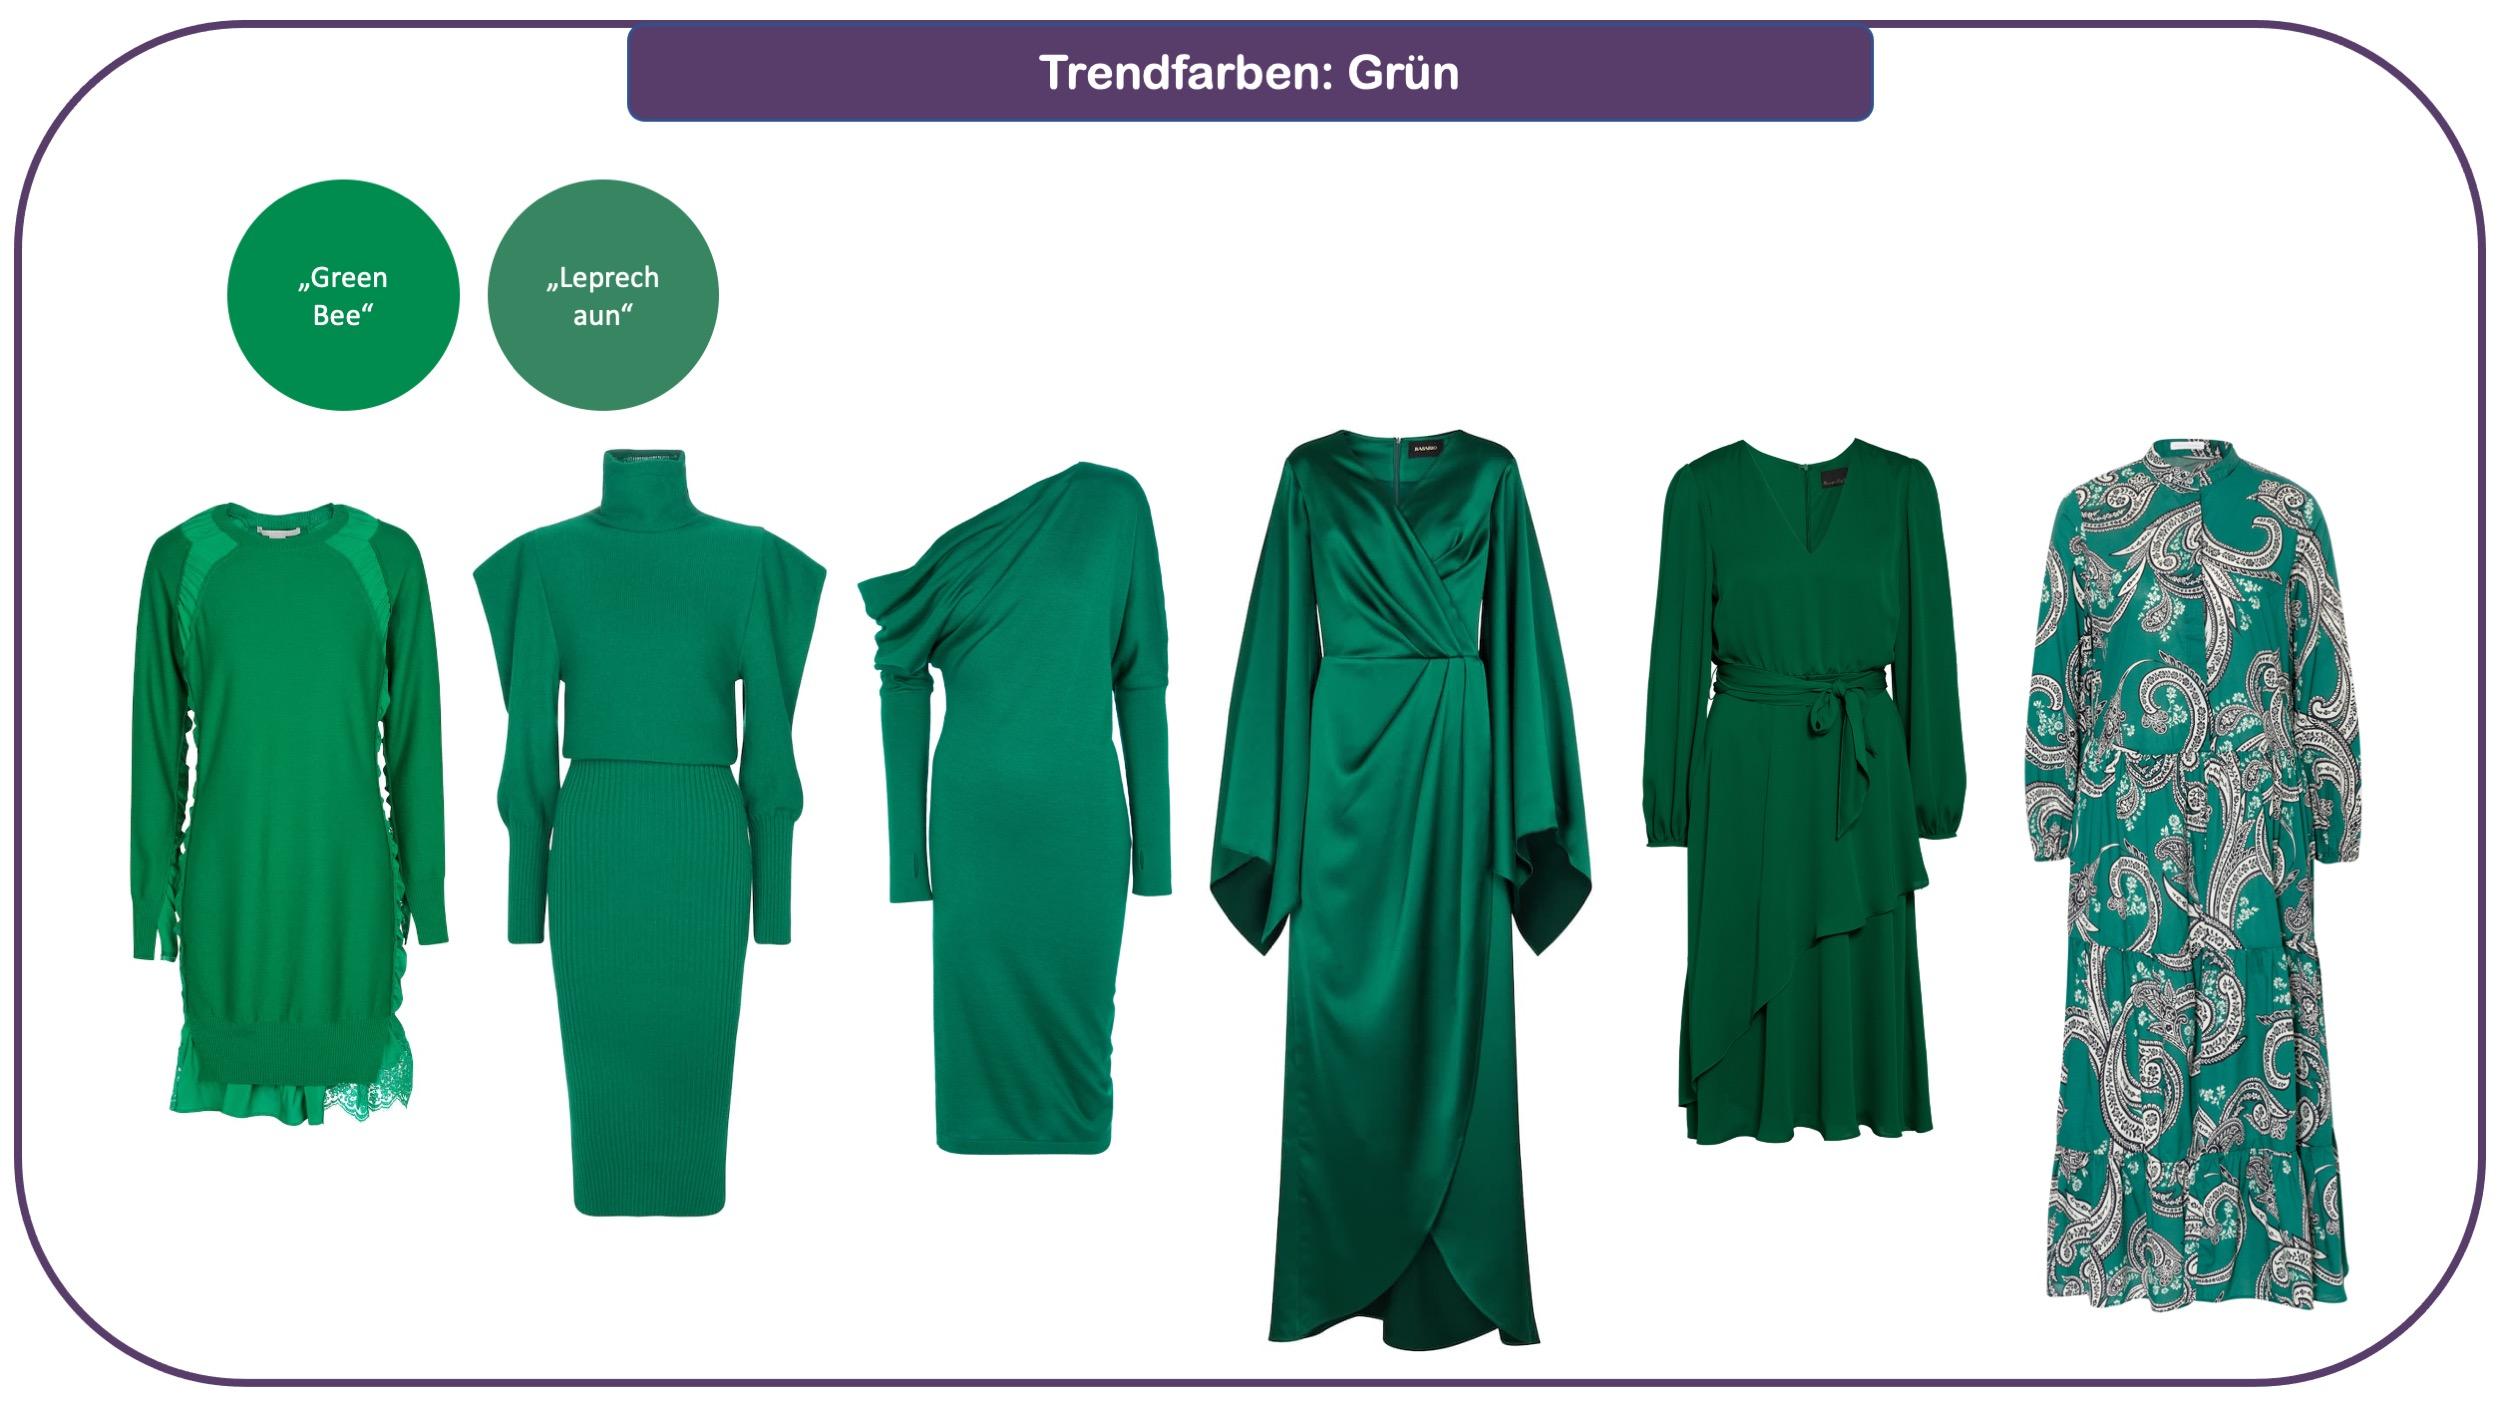 Trendfarben für Herbst und Winter 2021/22: Grün